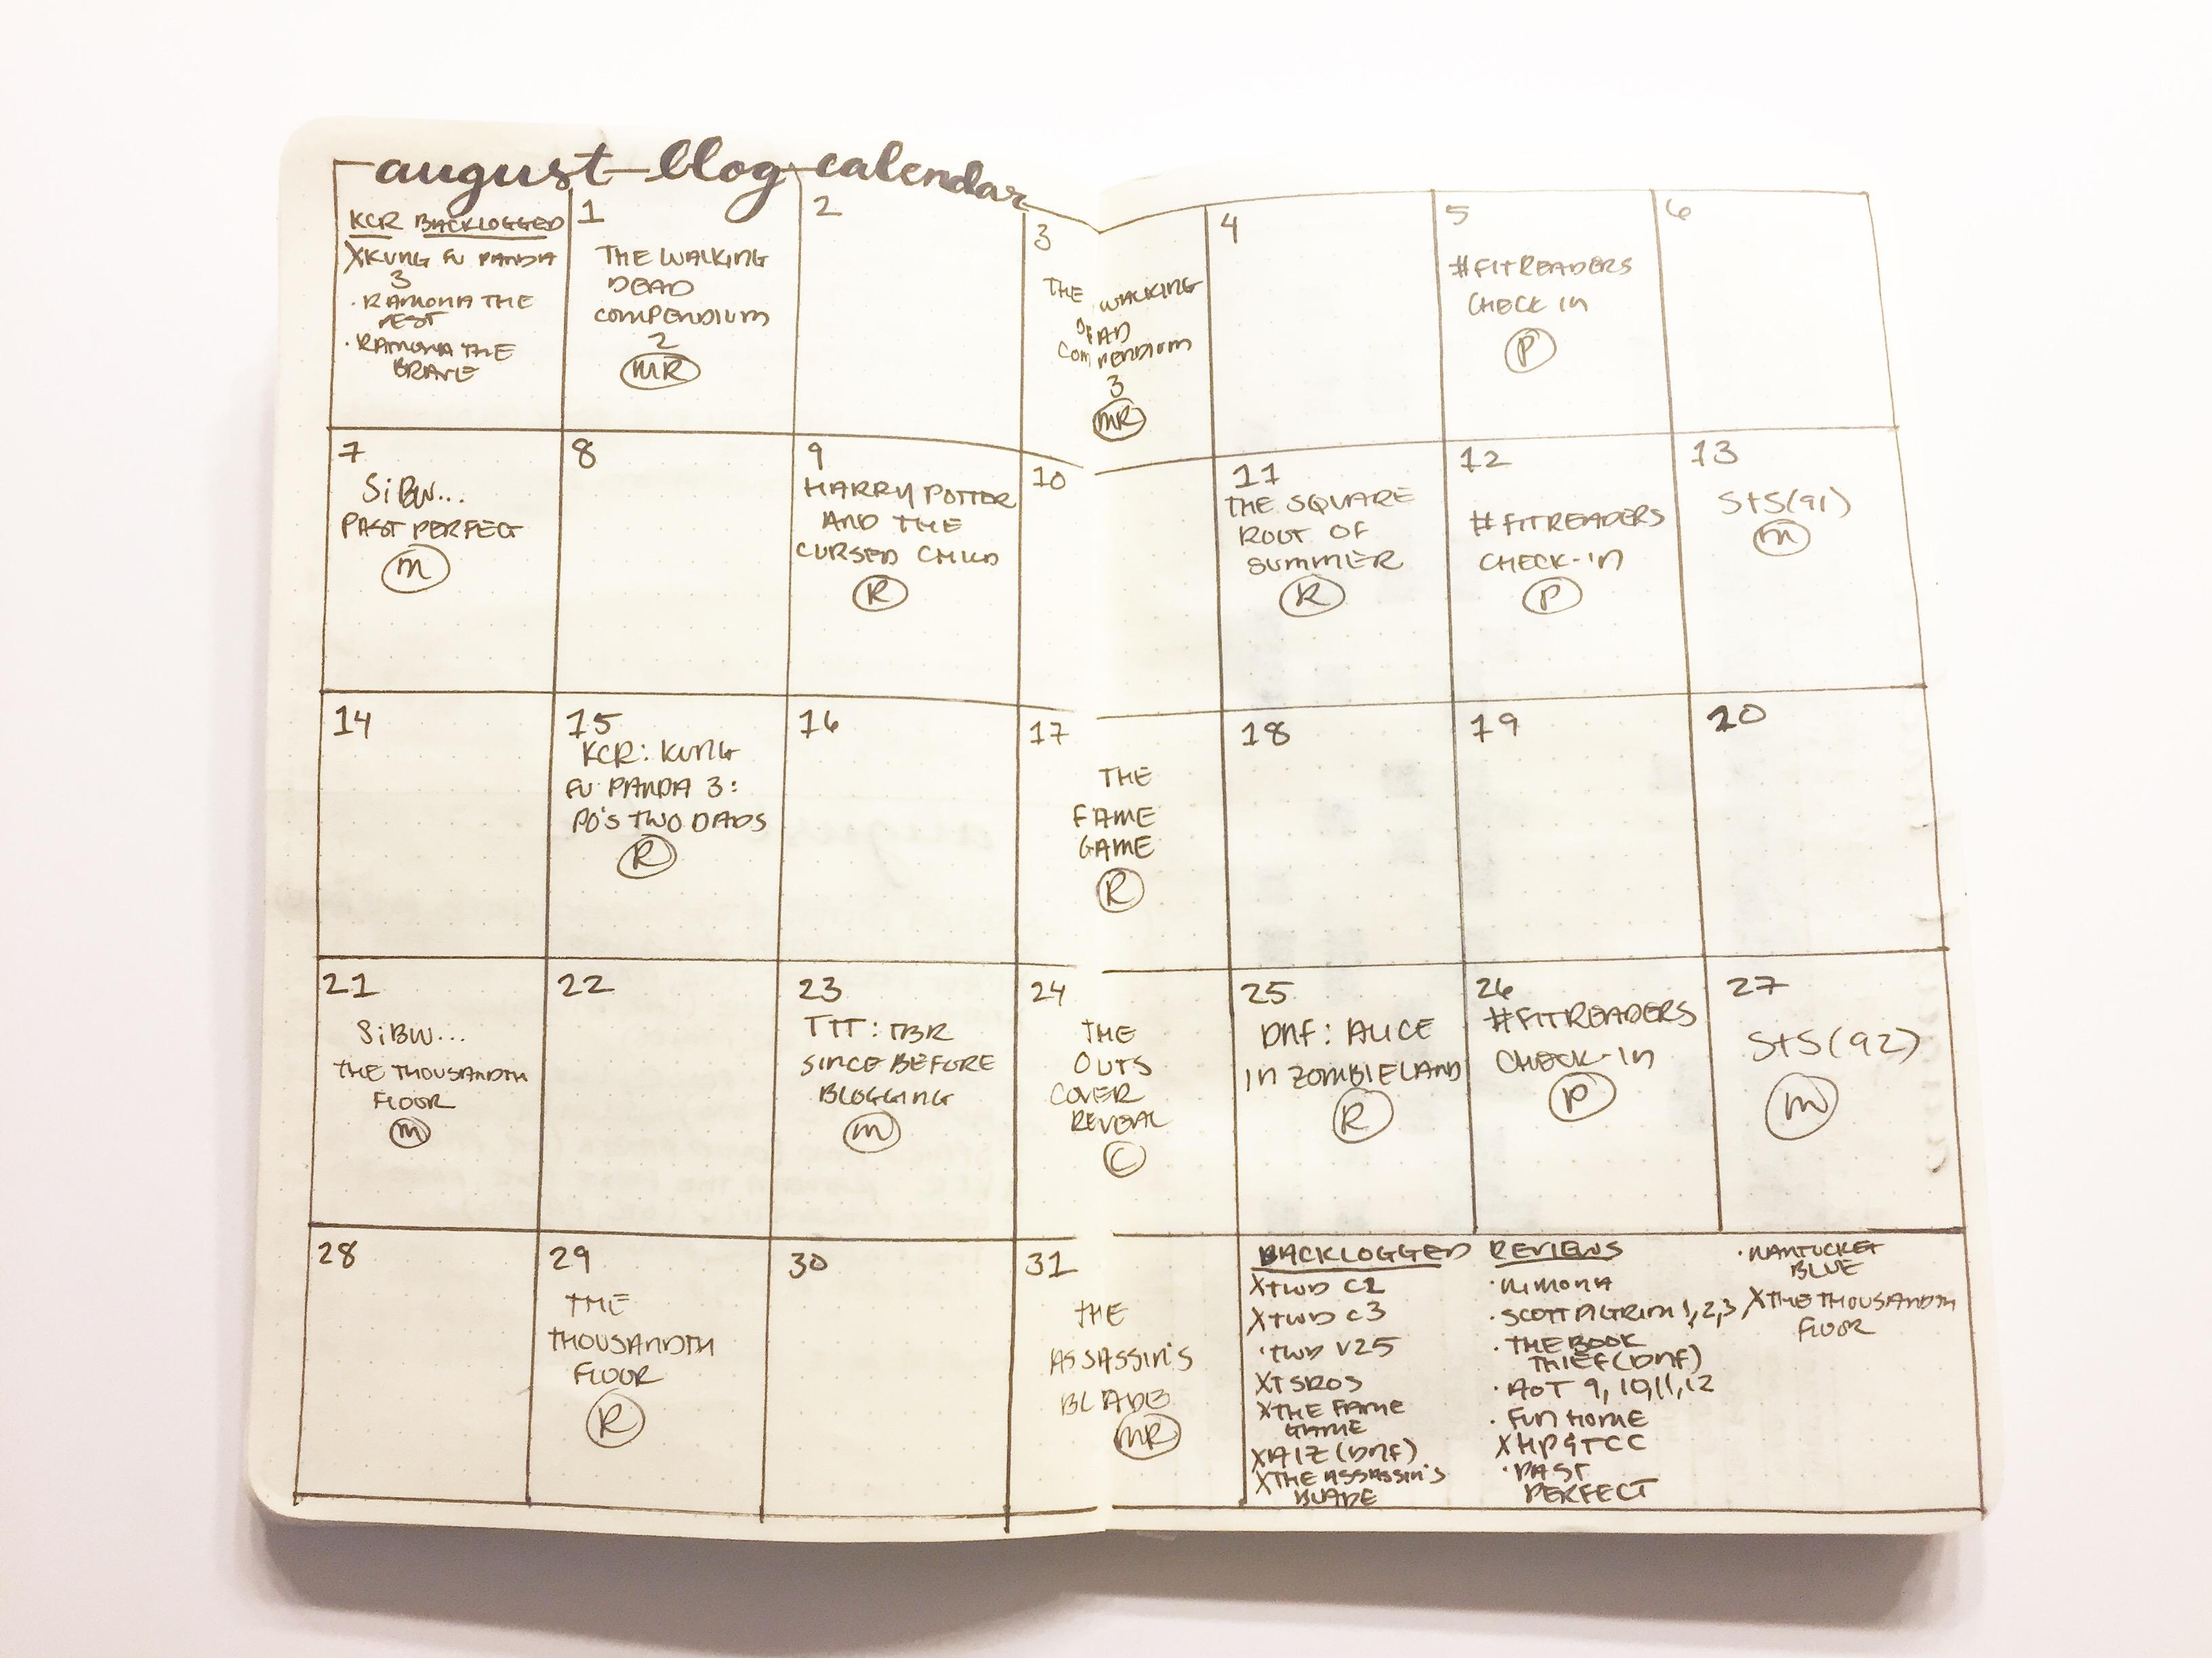 august blog calendar module pic